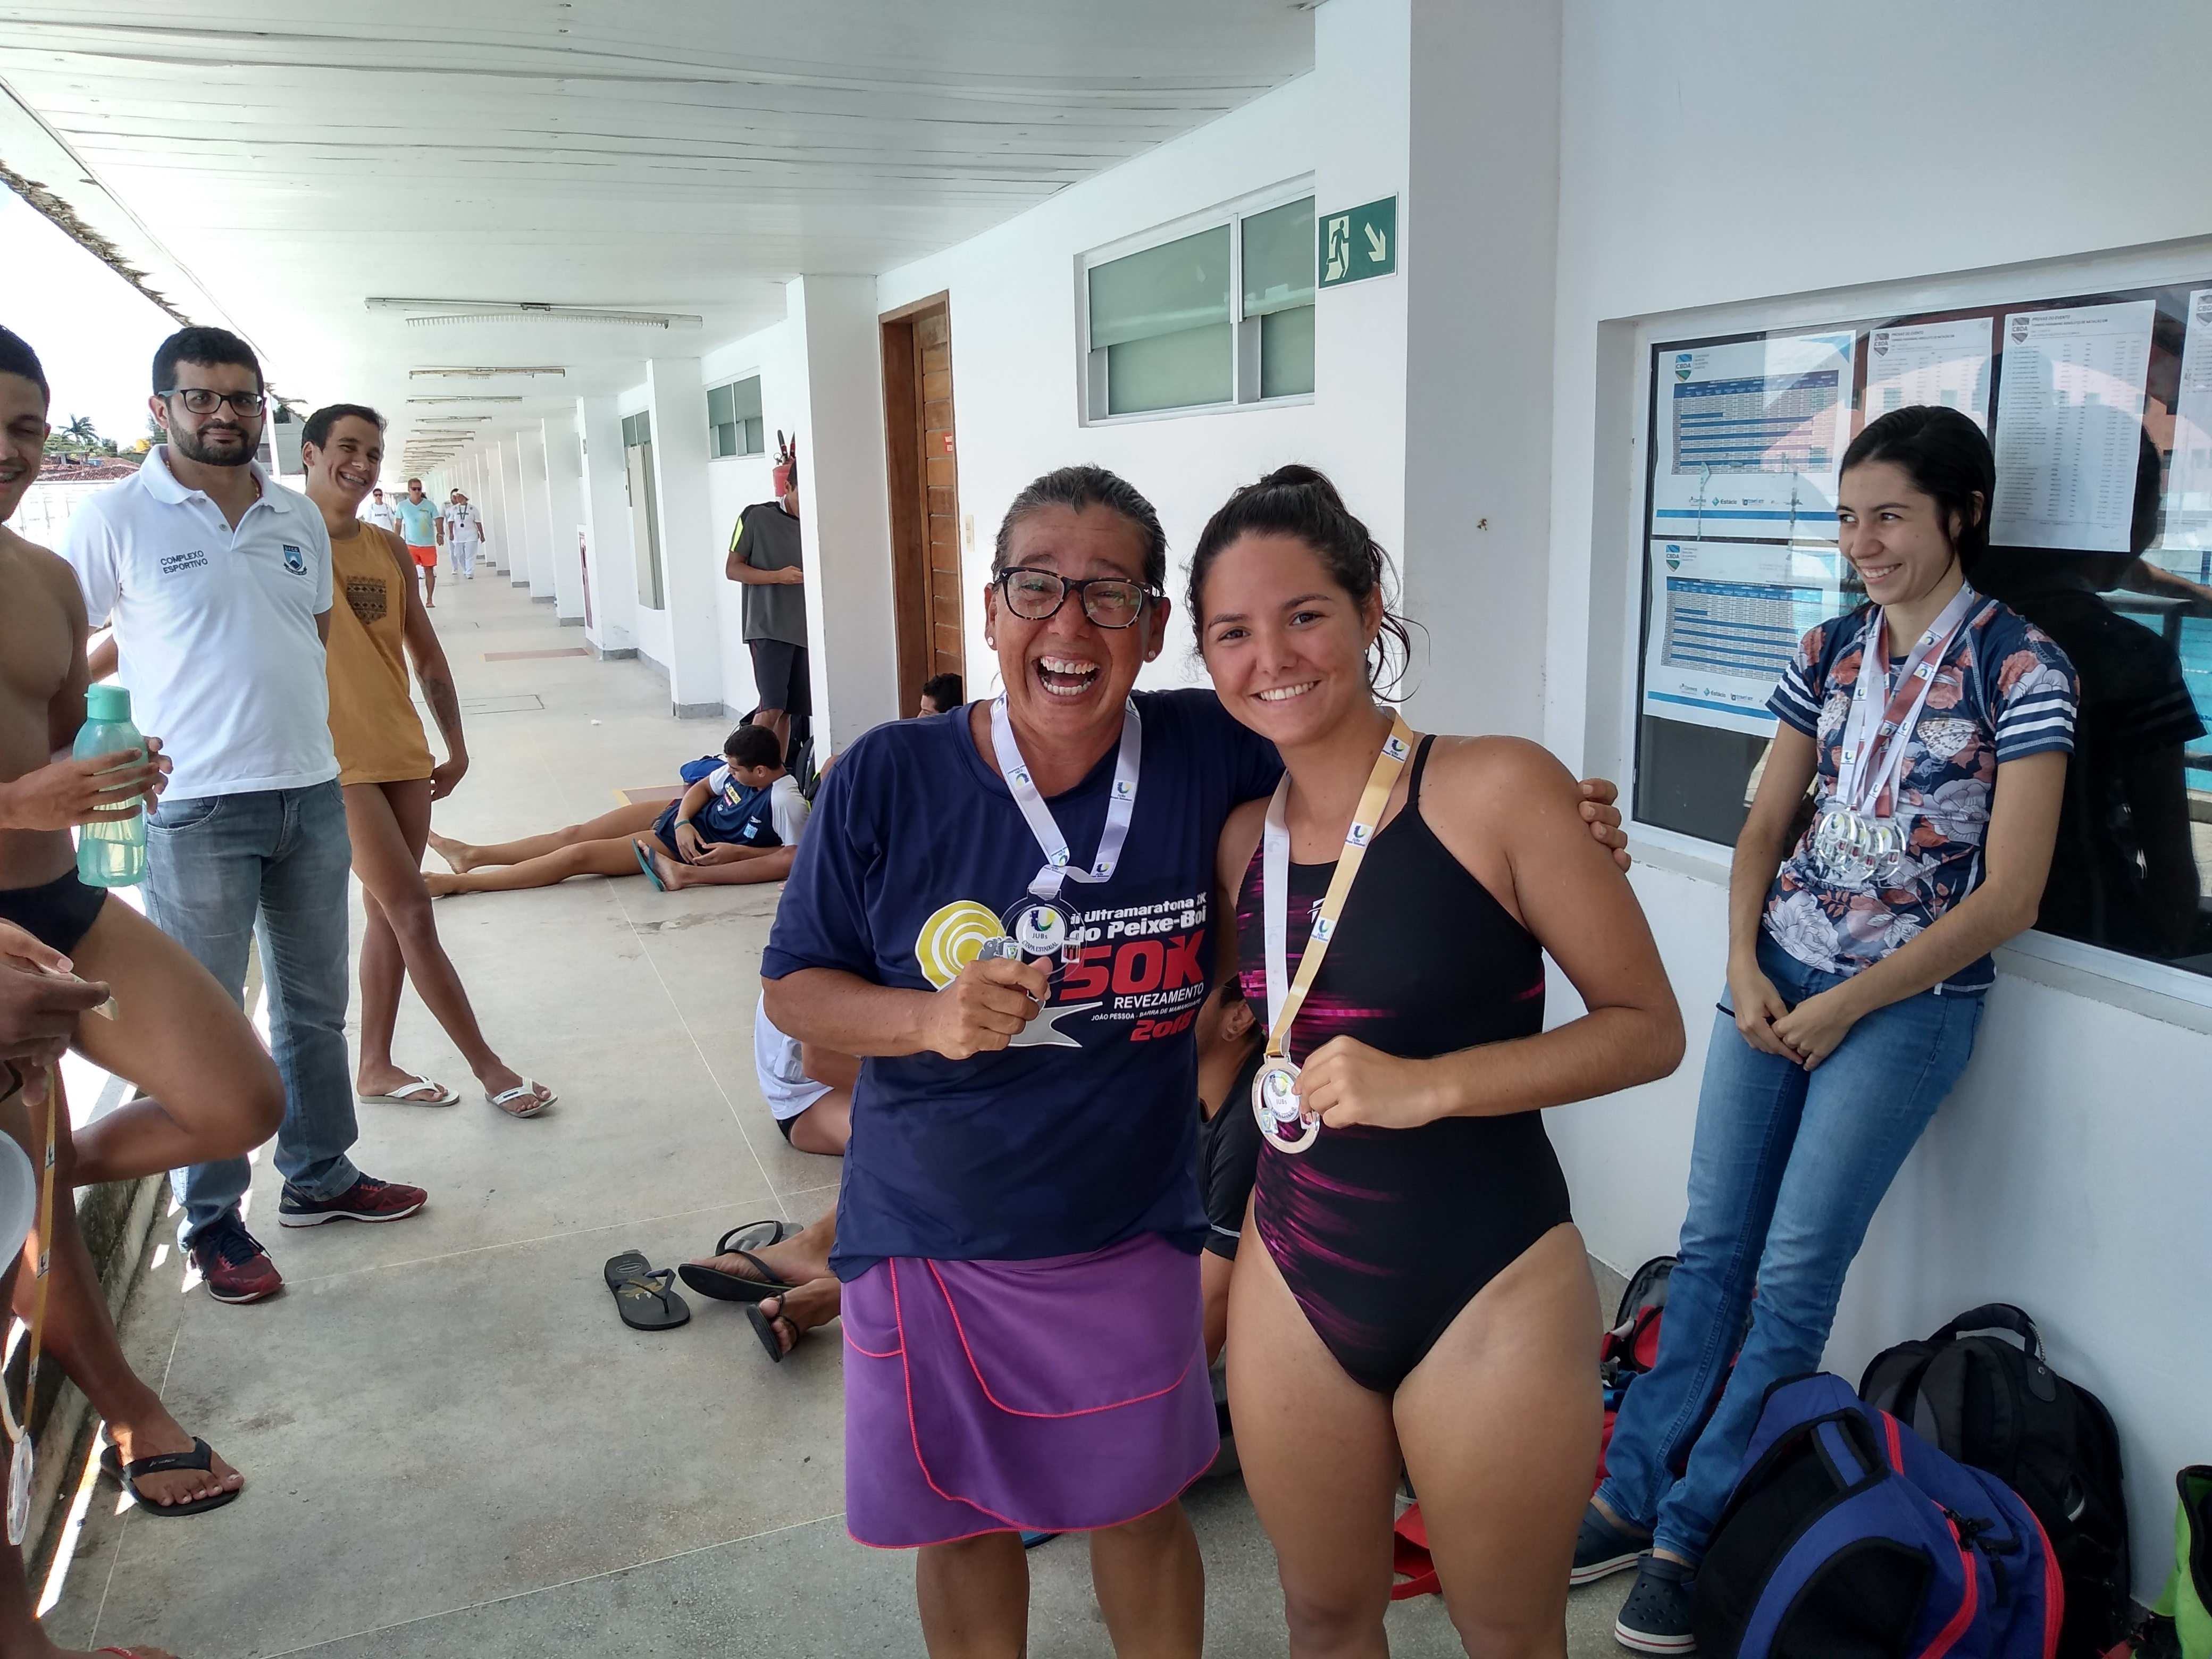 A atleta Natália Maria Câmara Luna (à direita,  3 medalhas  de ouro e 1 de bronze), dividindo a conquista dos 50 m peito com sua colega de equipe Maria Manuela Chaves Figueiredo (à esquerda, medalha de prata).